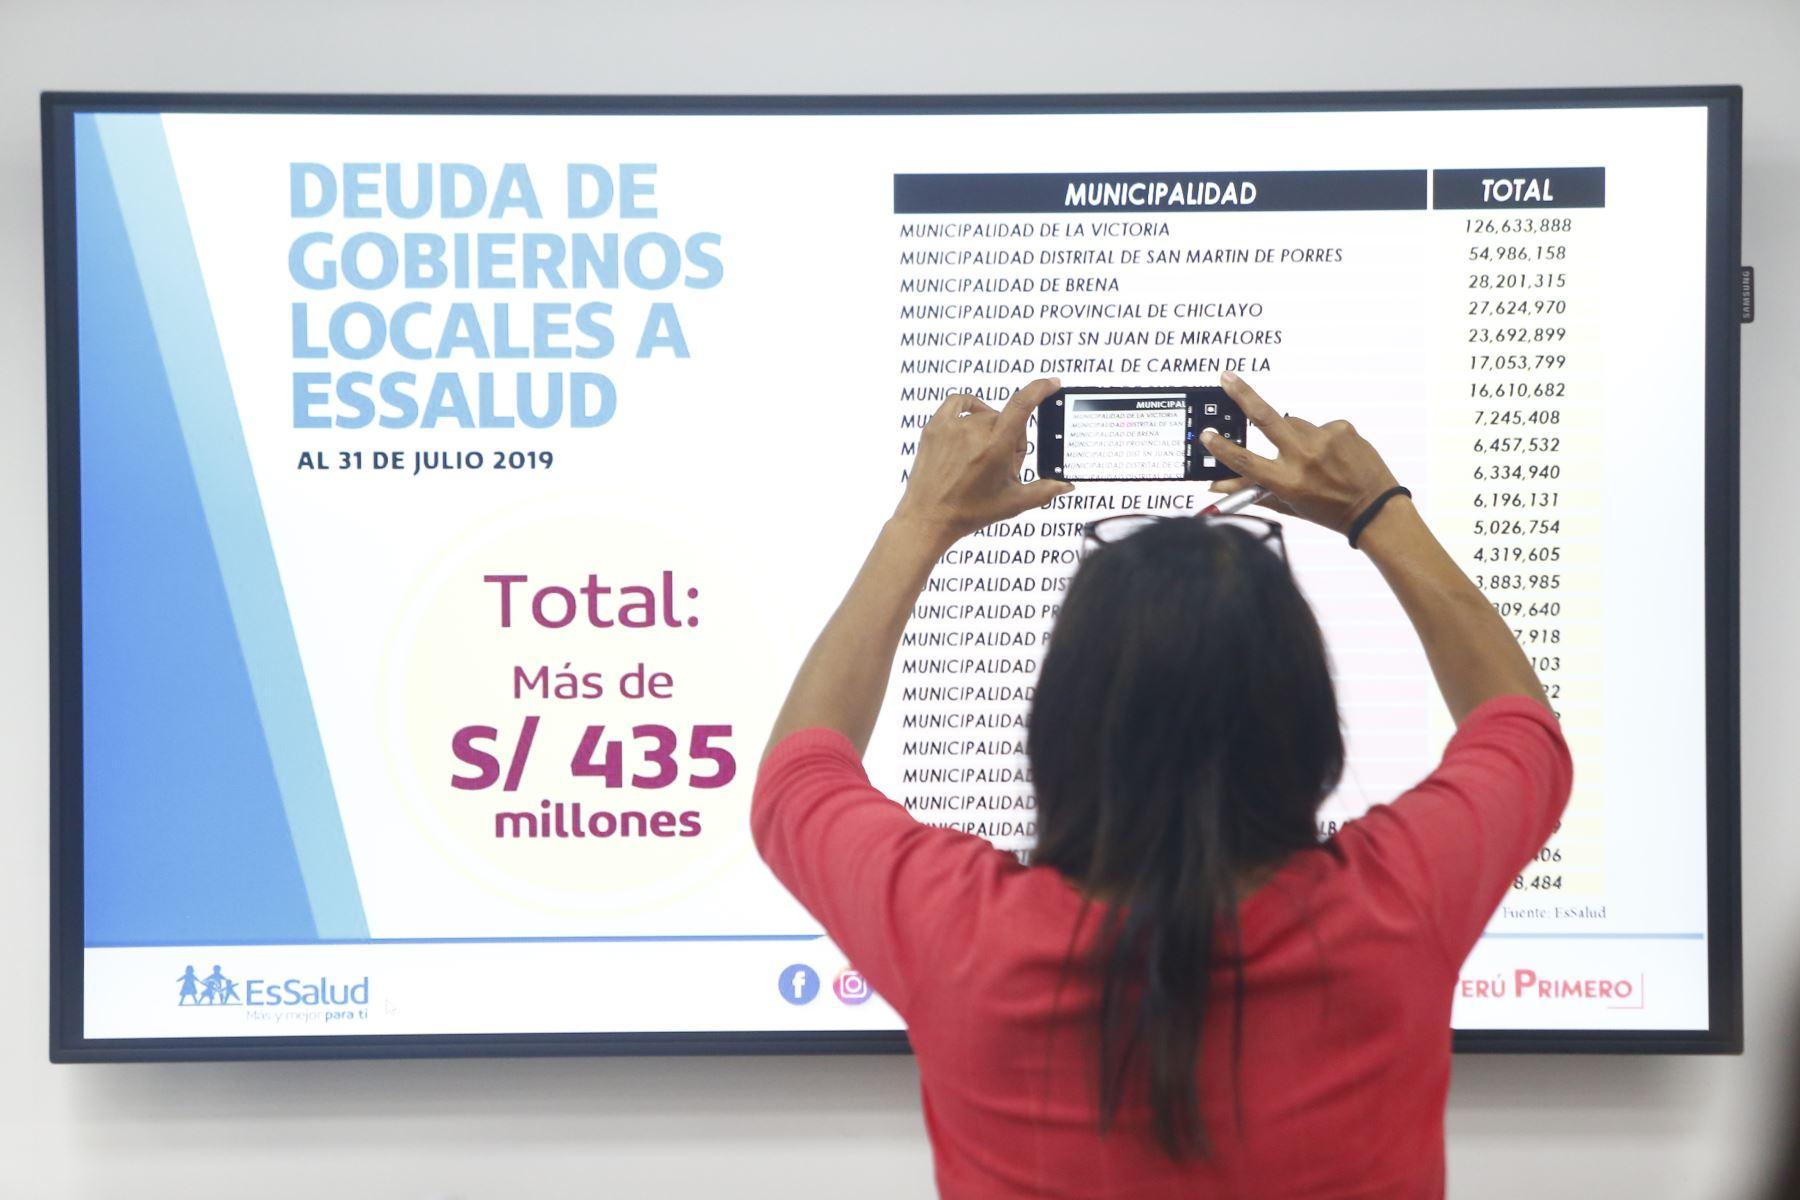 En total se espera recuperar 628 millones de soles que serán destinados a mejorar los servicios de salud en favor de los asegurados. Foto: ANDINA/Jhonel Rodríguez Robles